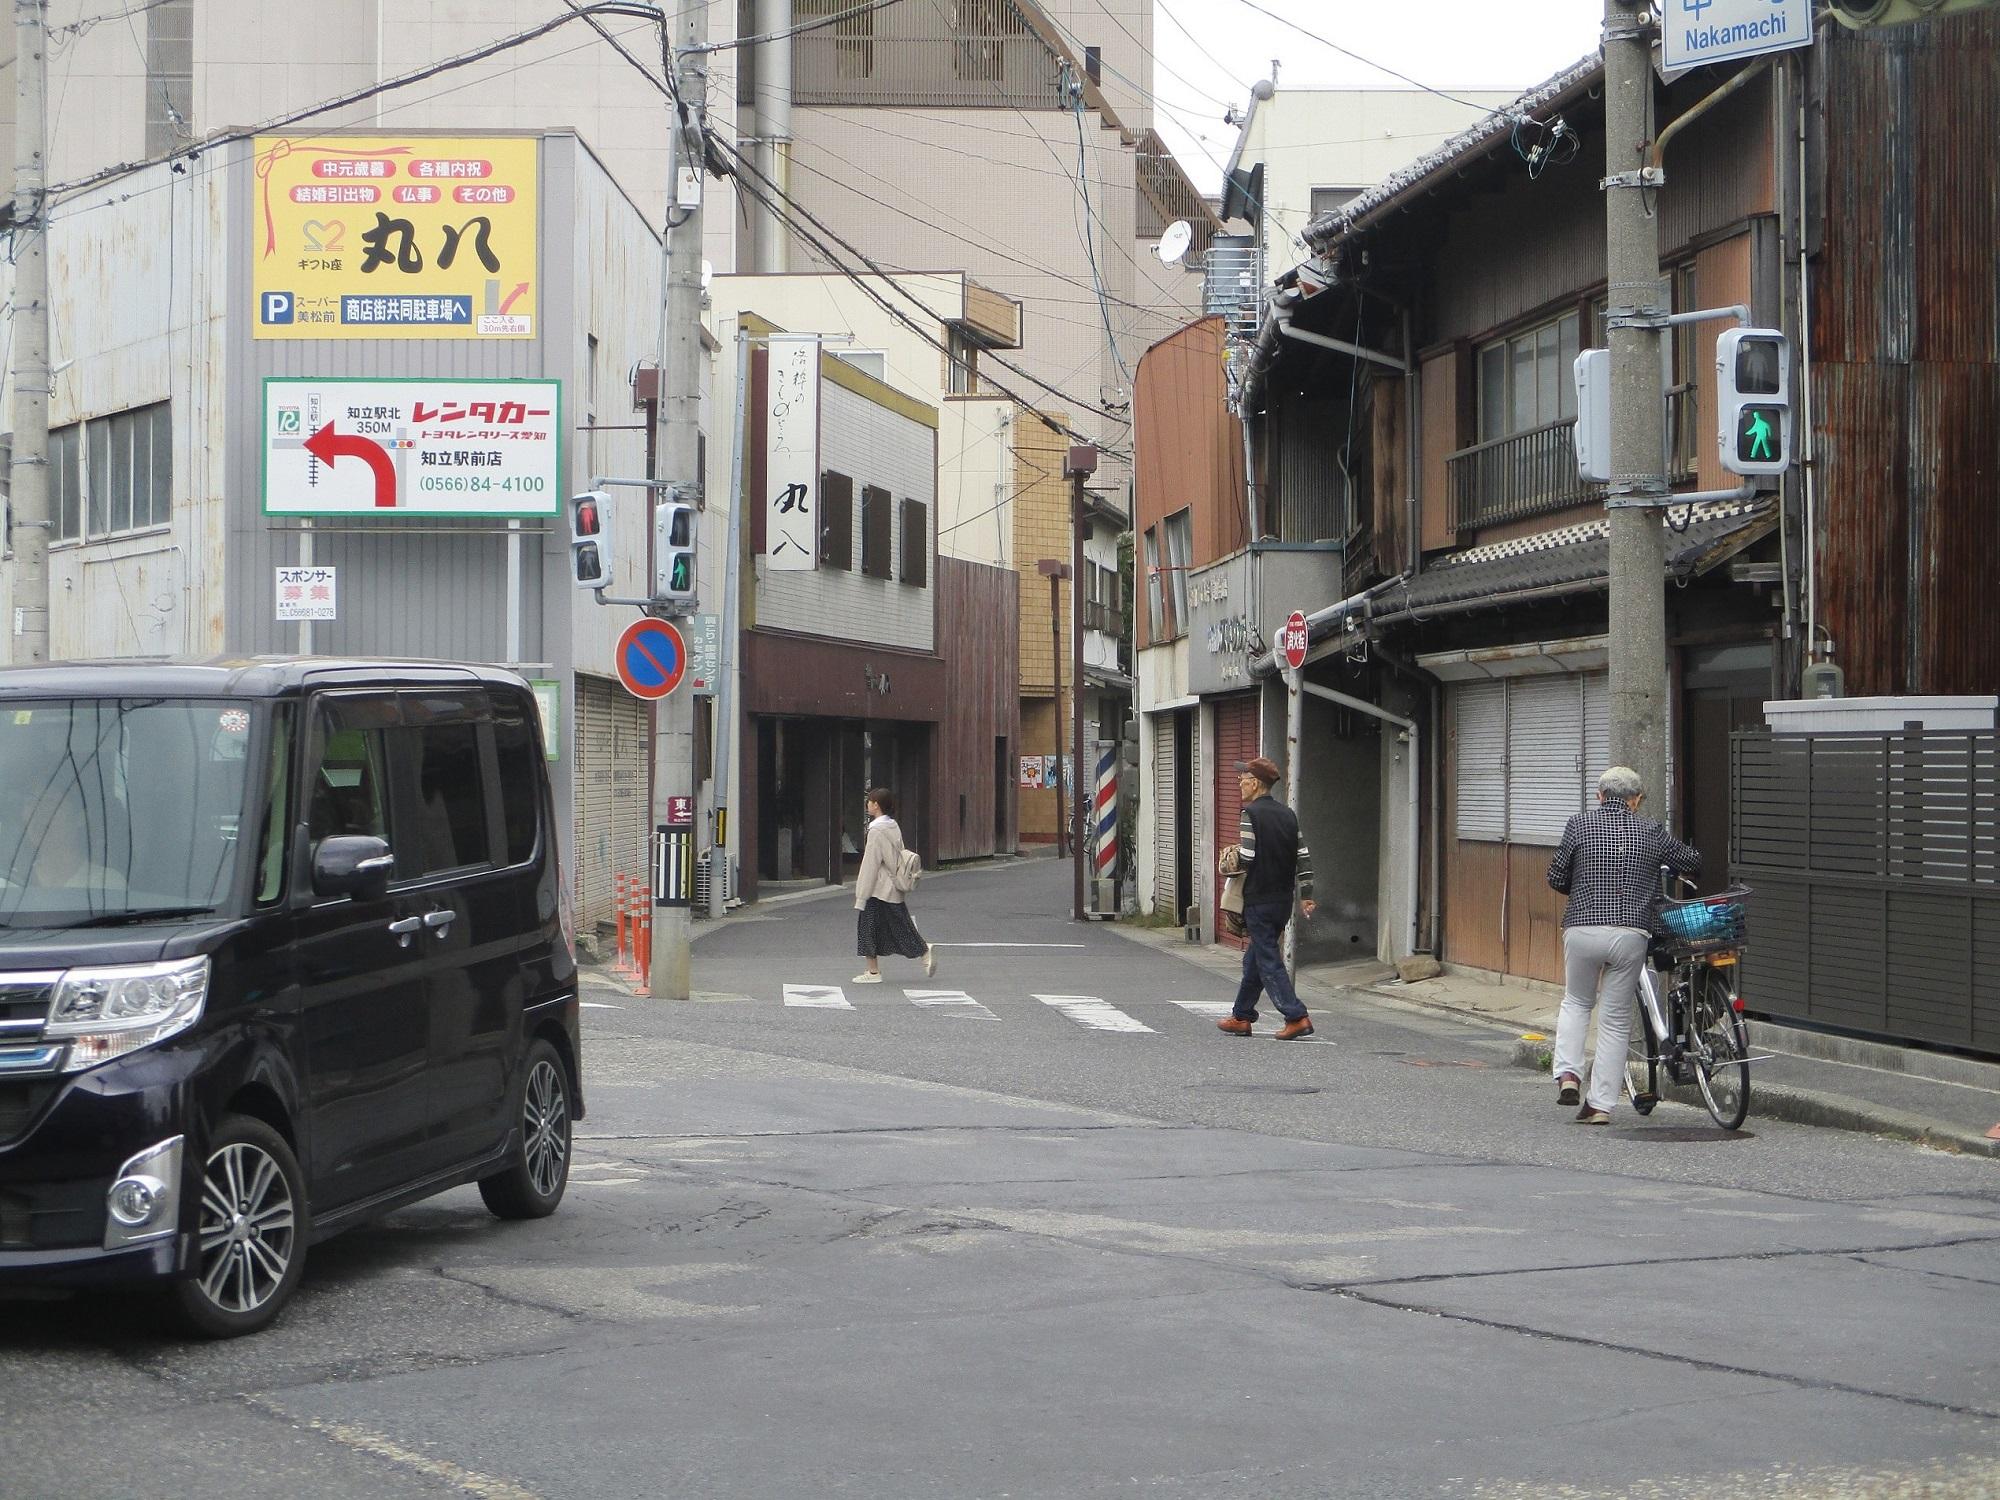 2019.11.13 (32) 東海道 - 中町交差点からにしえ 2000-1500